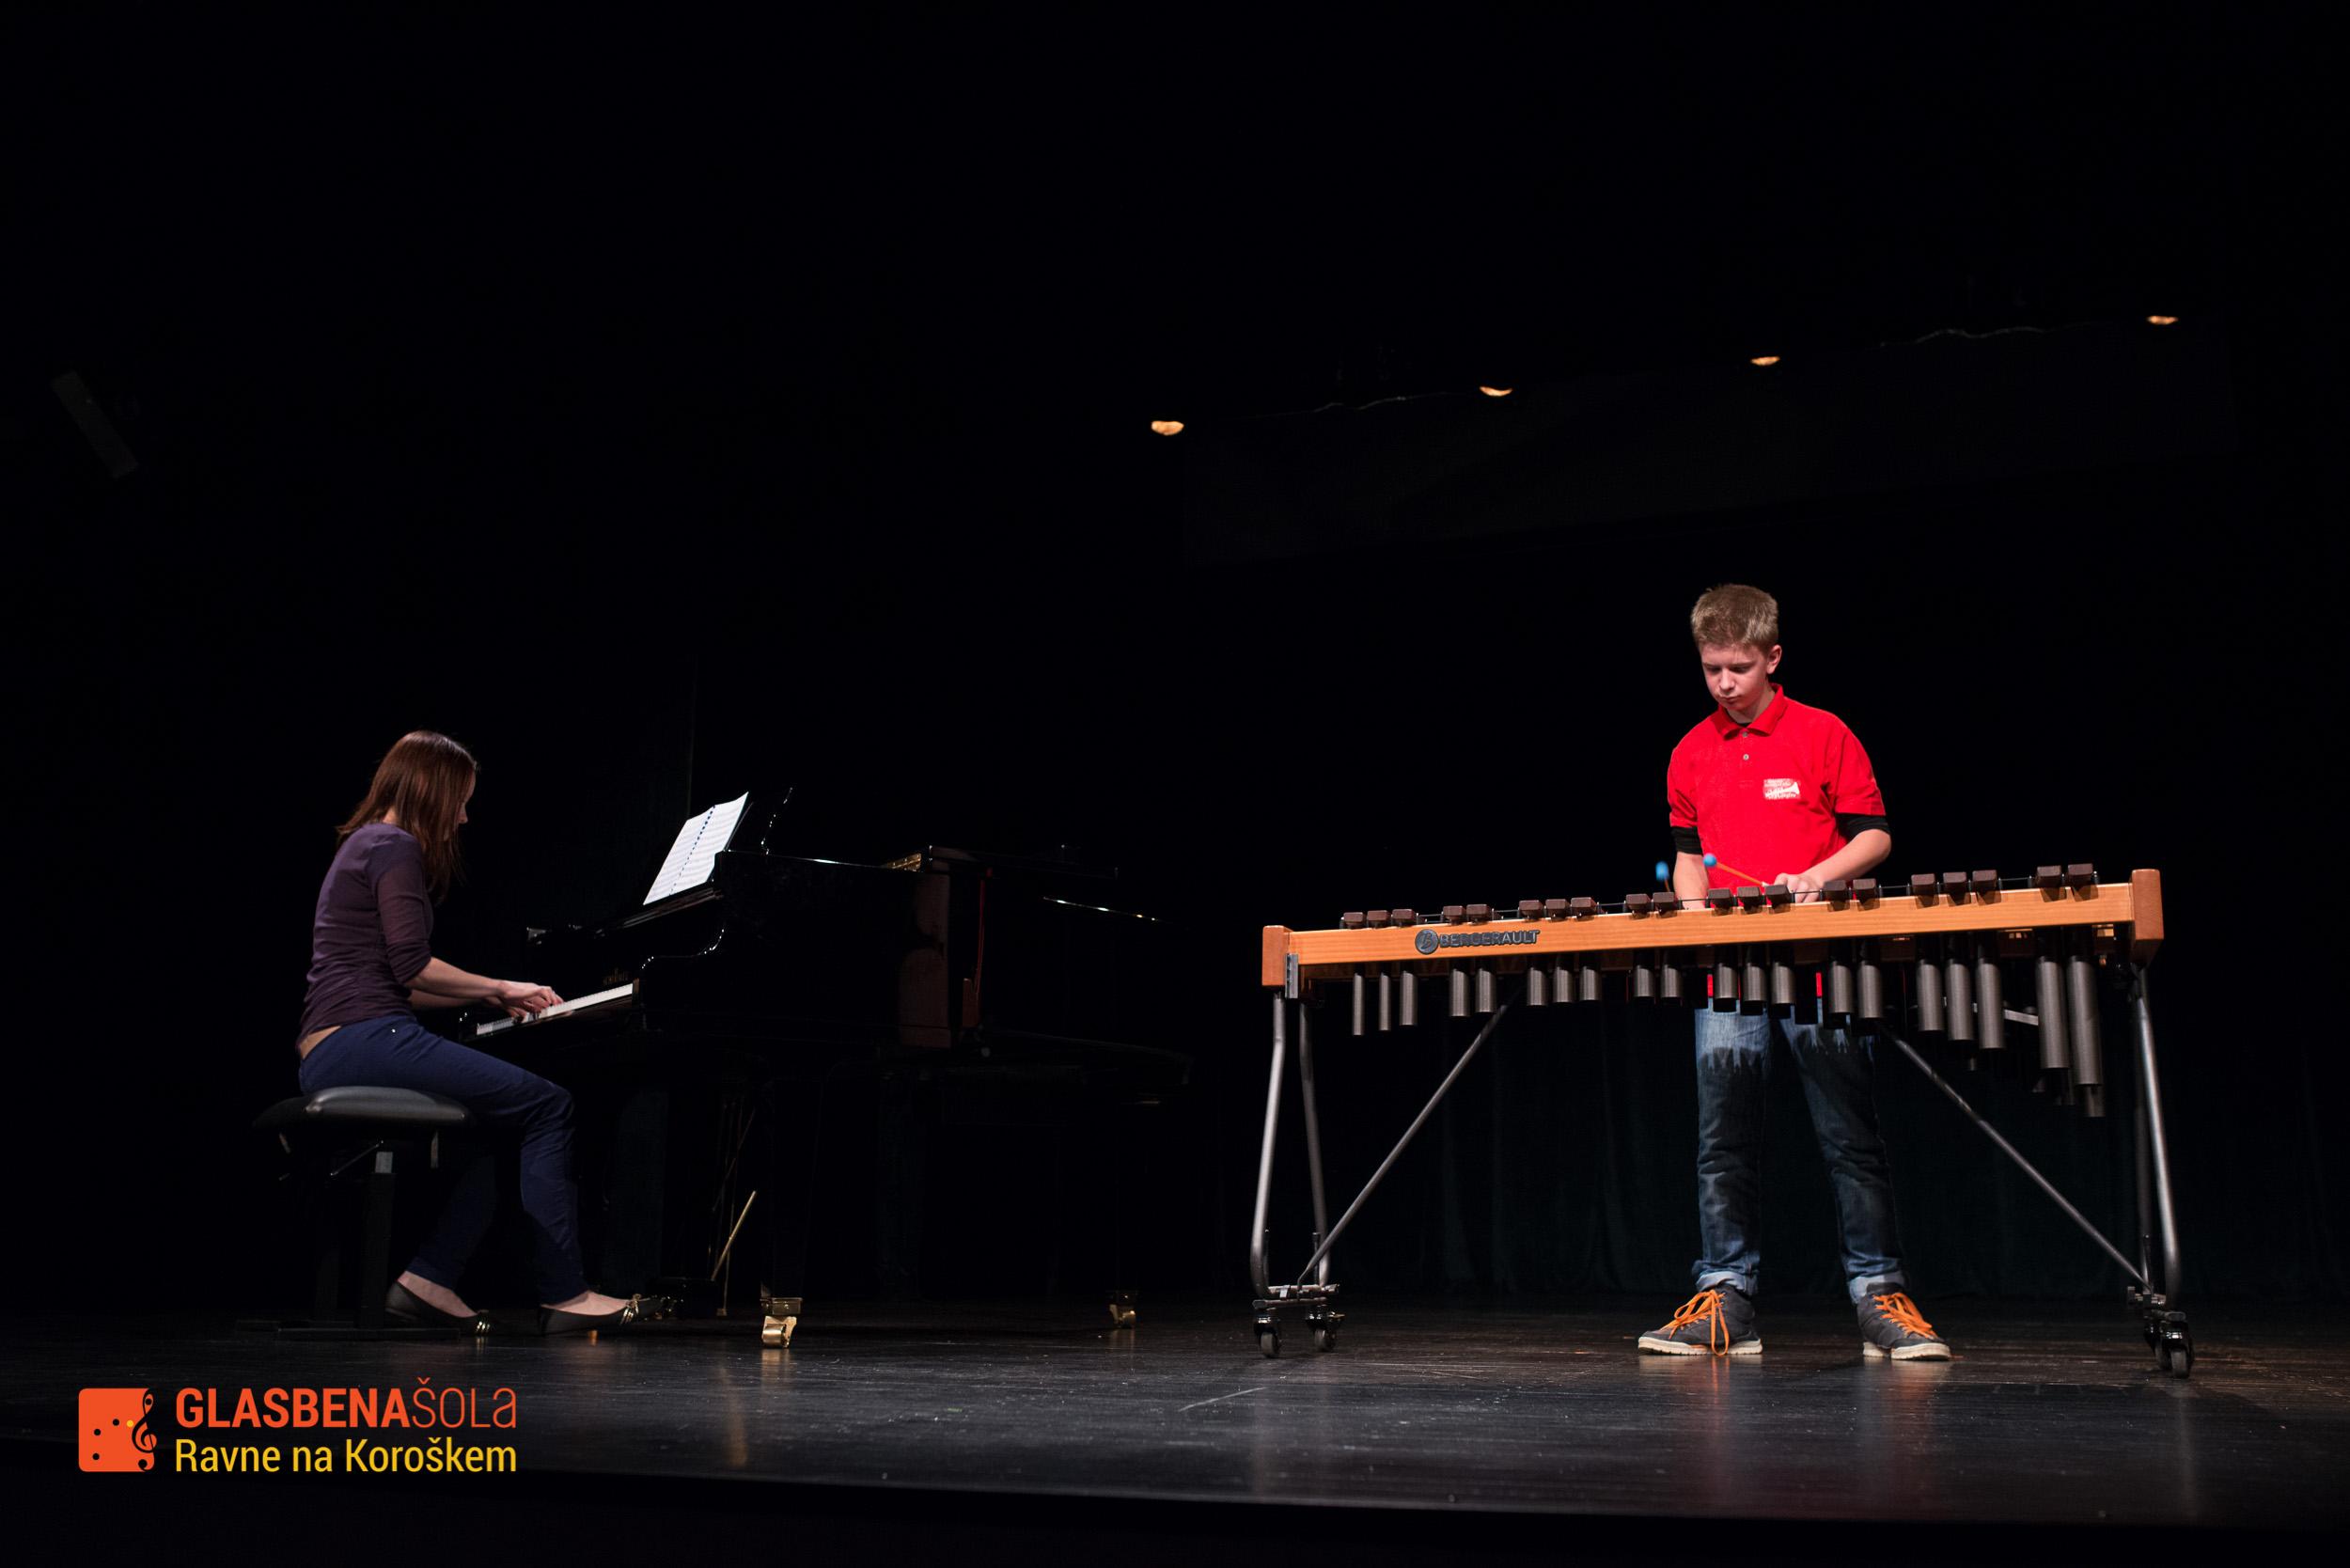 koncert-08-11-2014-10